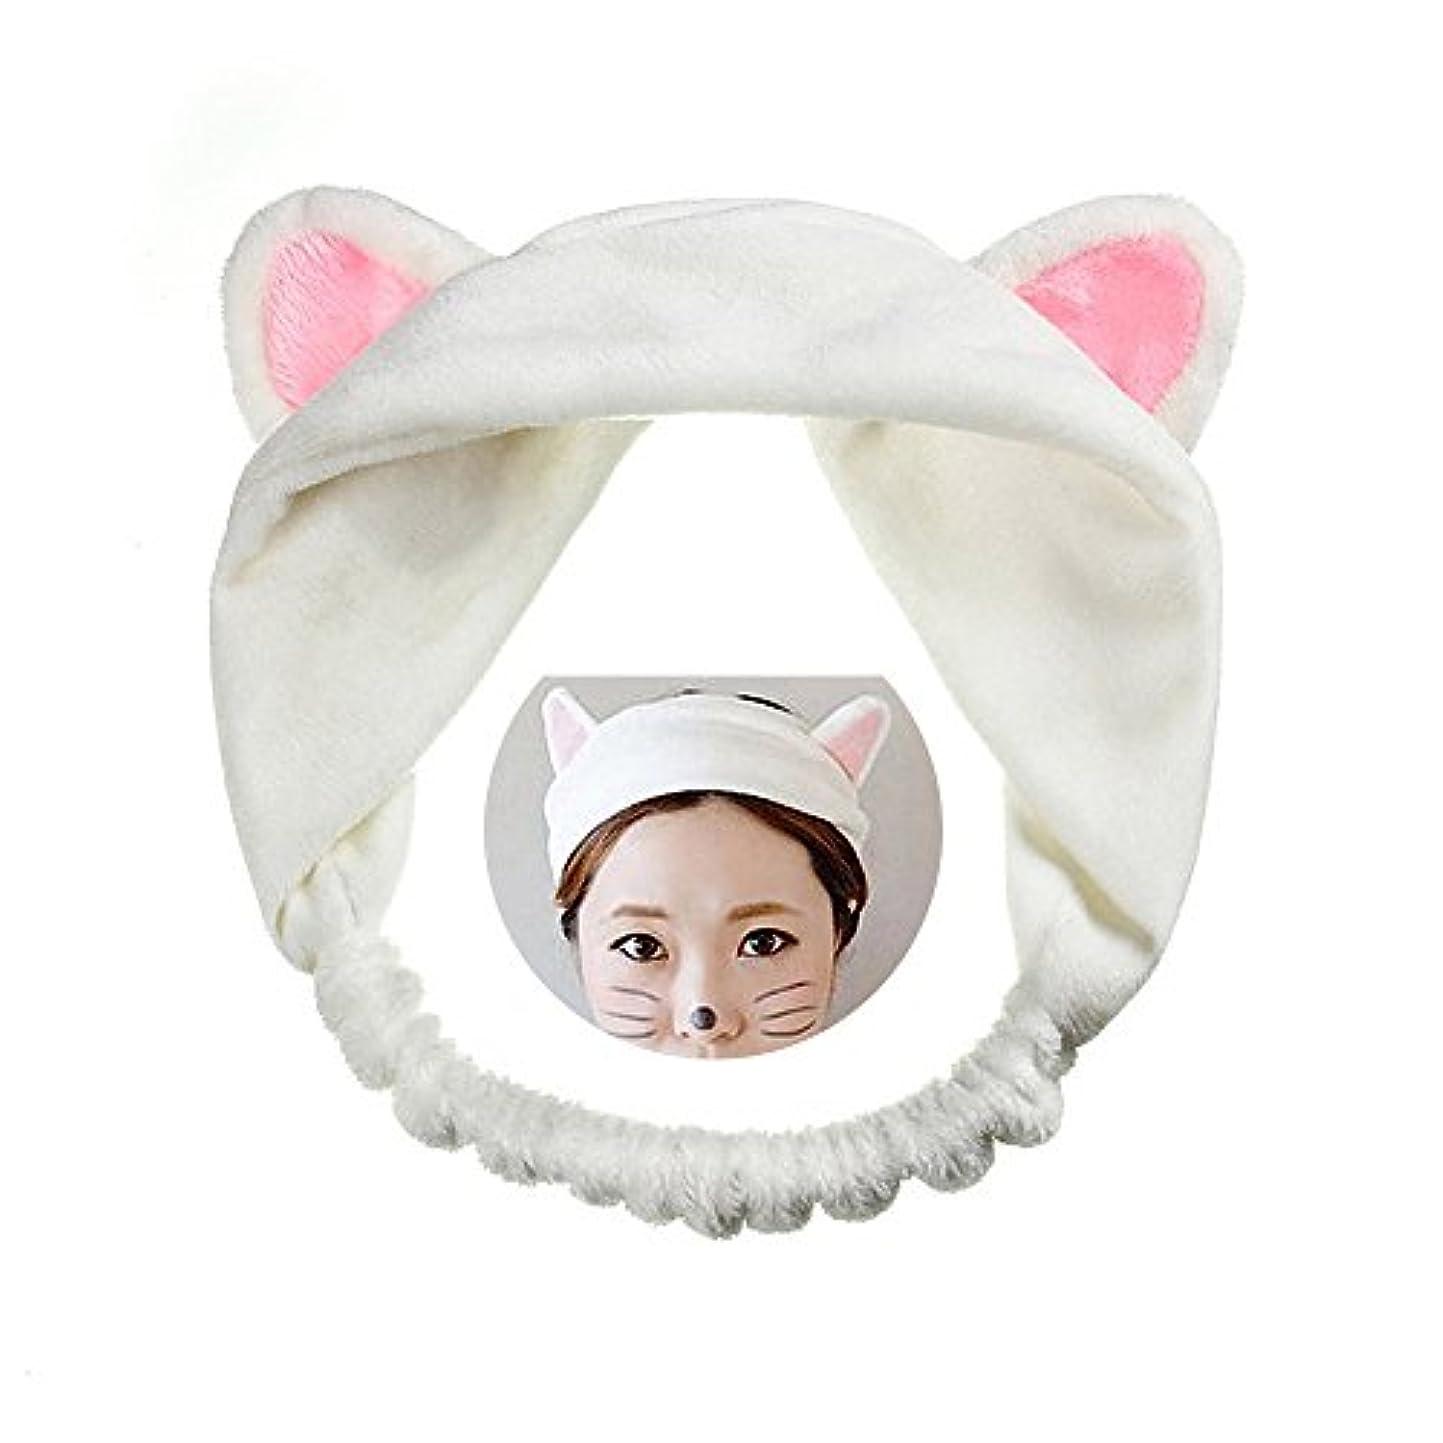 可愛い 猫 耳 ヘアバンド メイク アップ フェイス マスク スポーツ カチューシャ 髪型 ホワイト